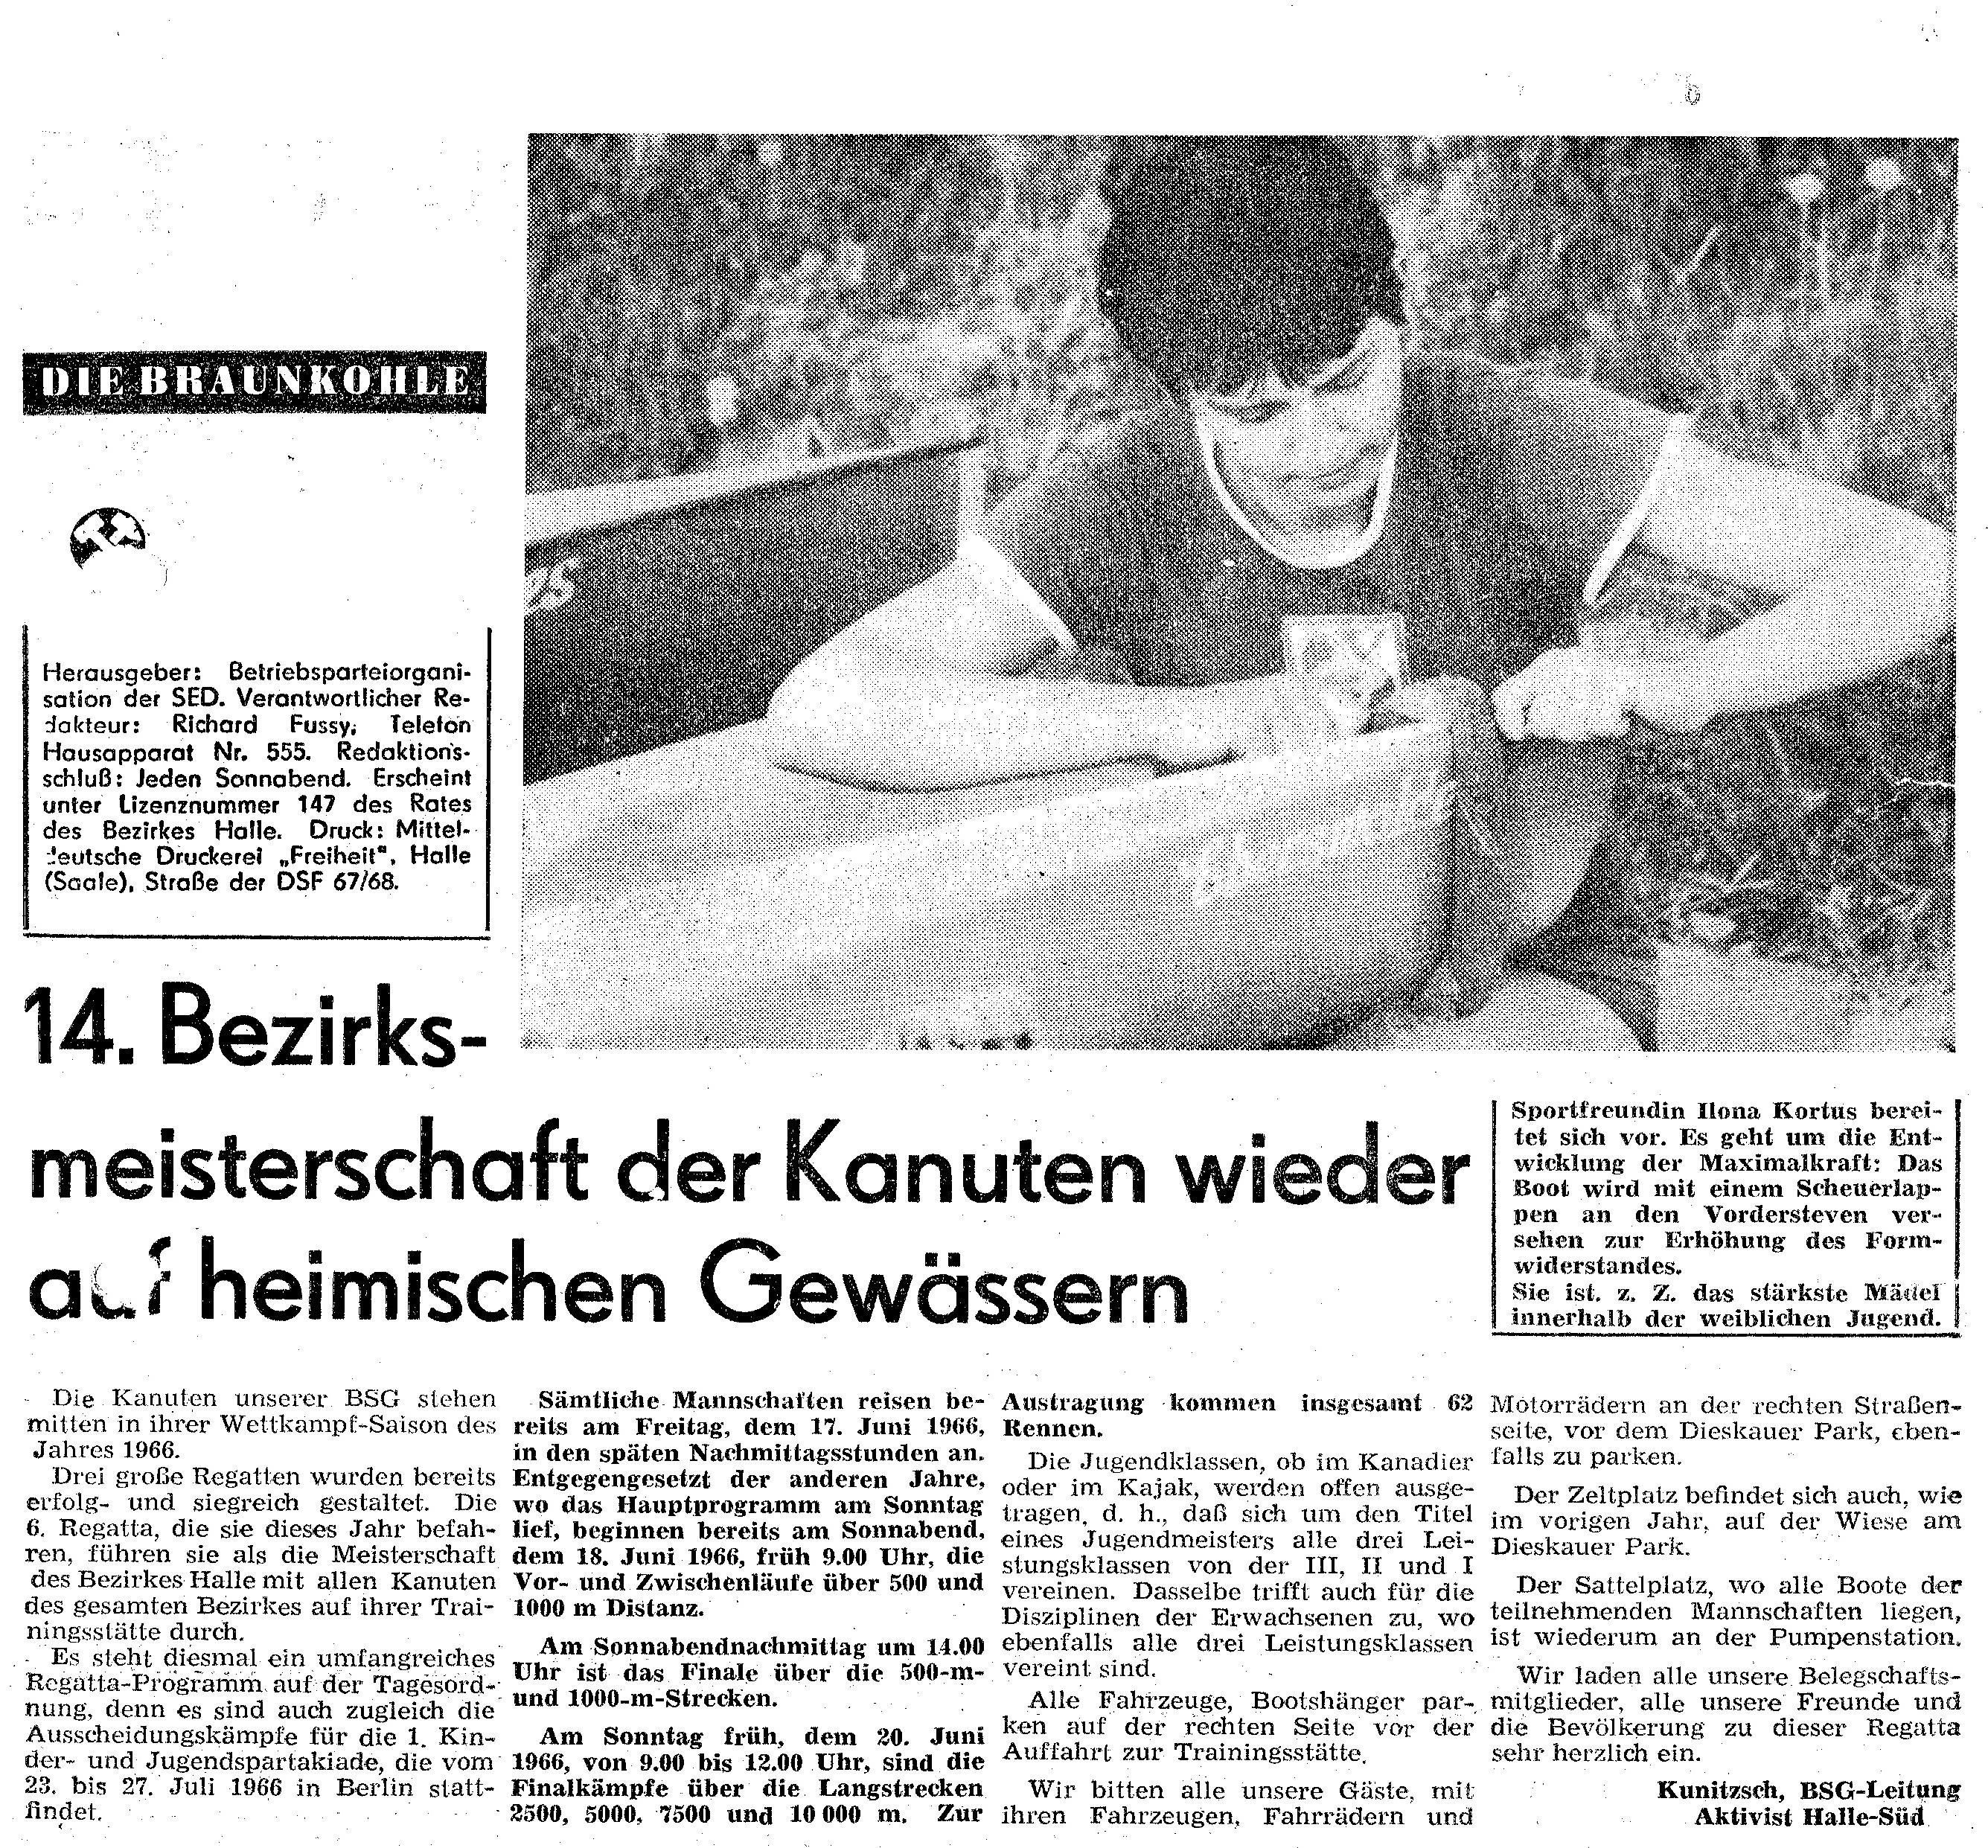 1966 14. Bezirksmeisterschaft der Kanuten